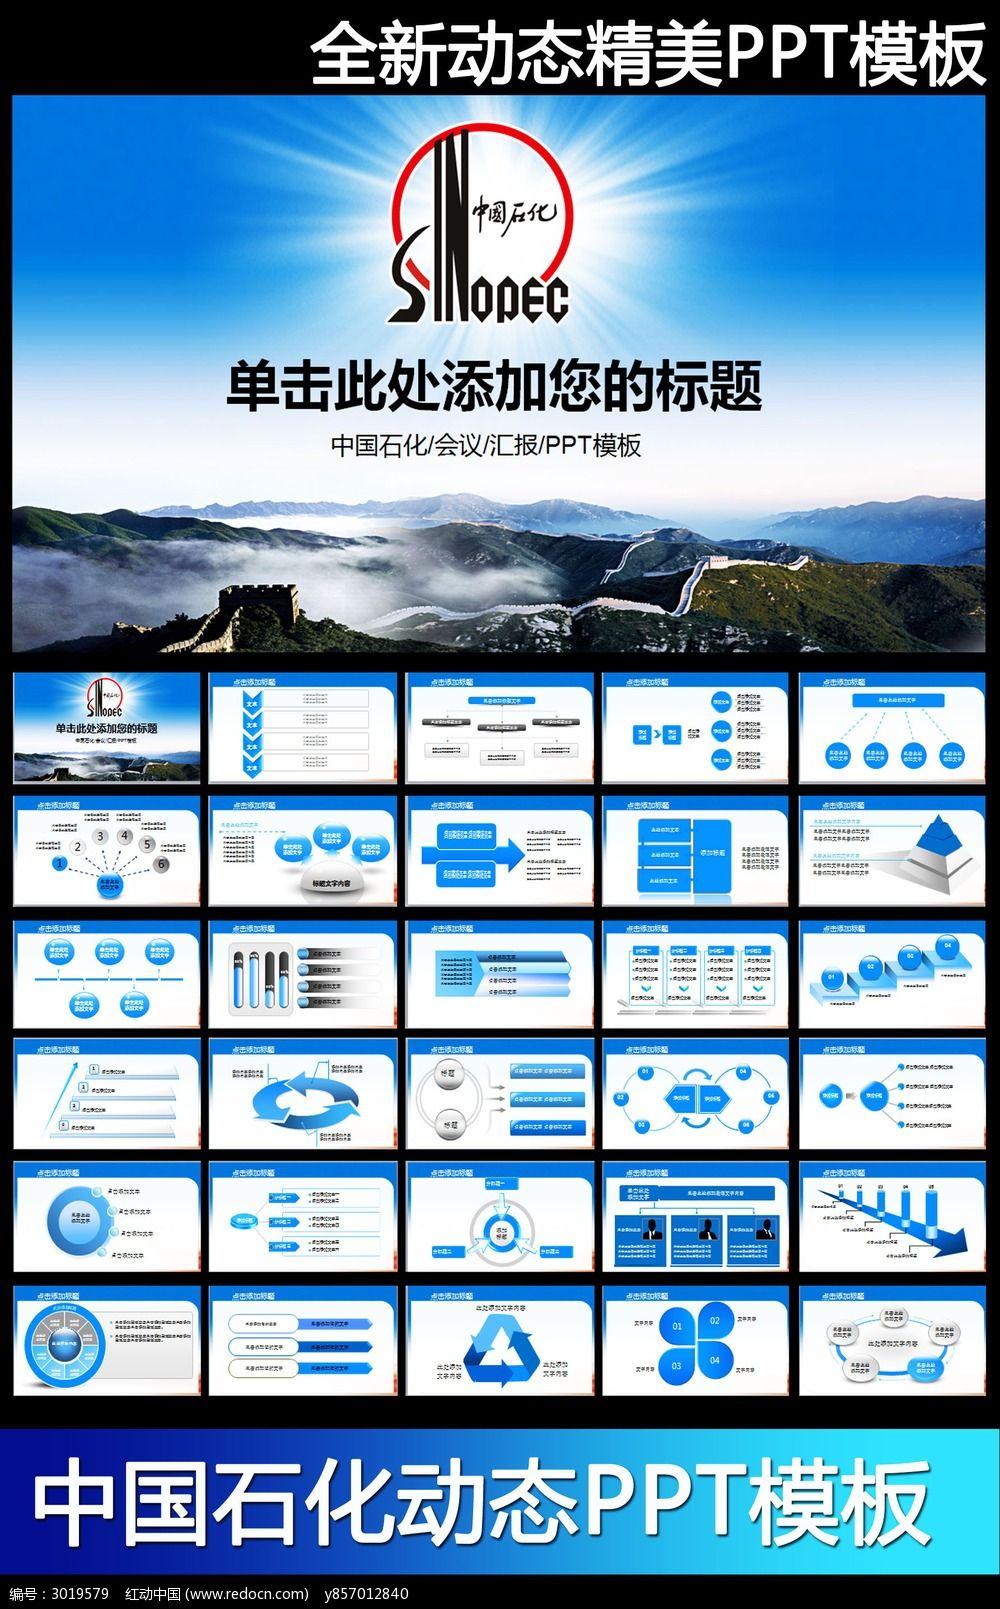 中国石油ppt模板pptx素材下载_政府党建ppt设计图片